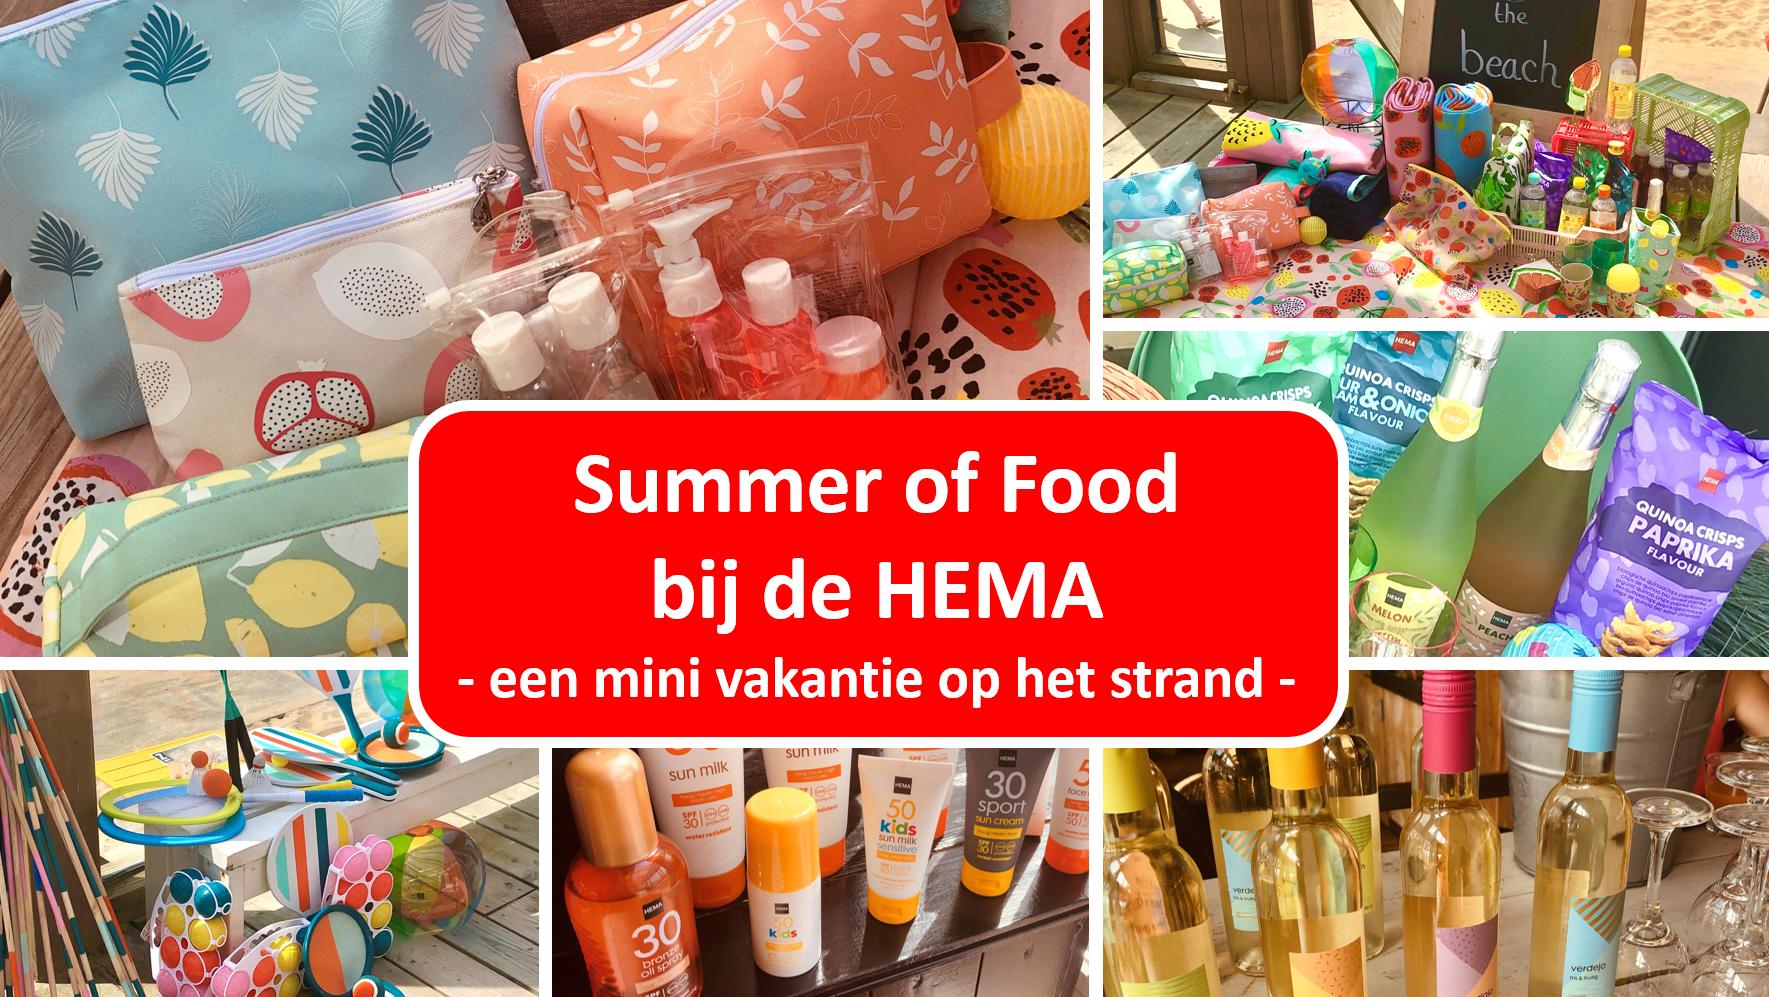 HEMA Summer of Food